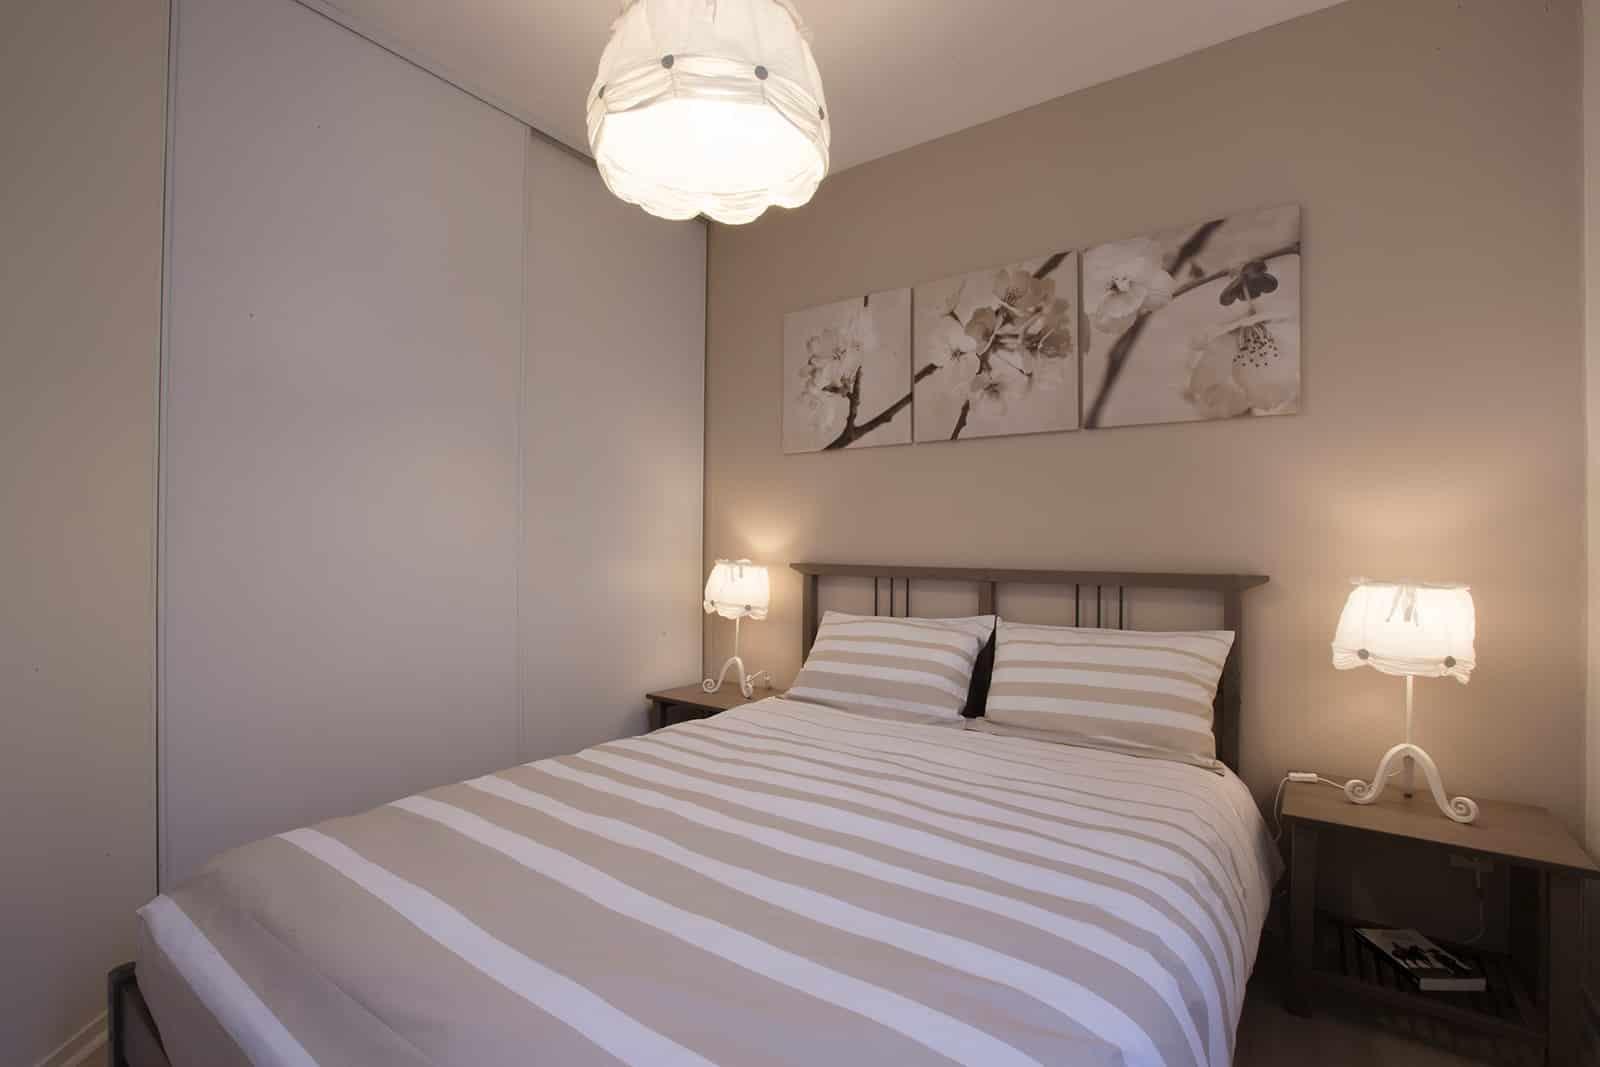 Location appartement Dijon : mes conseils pour trouver un logement